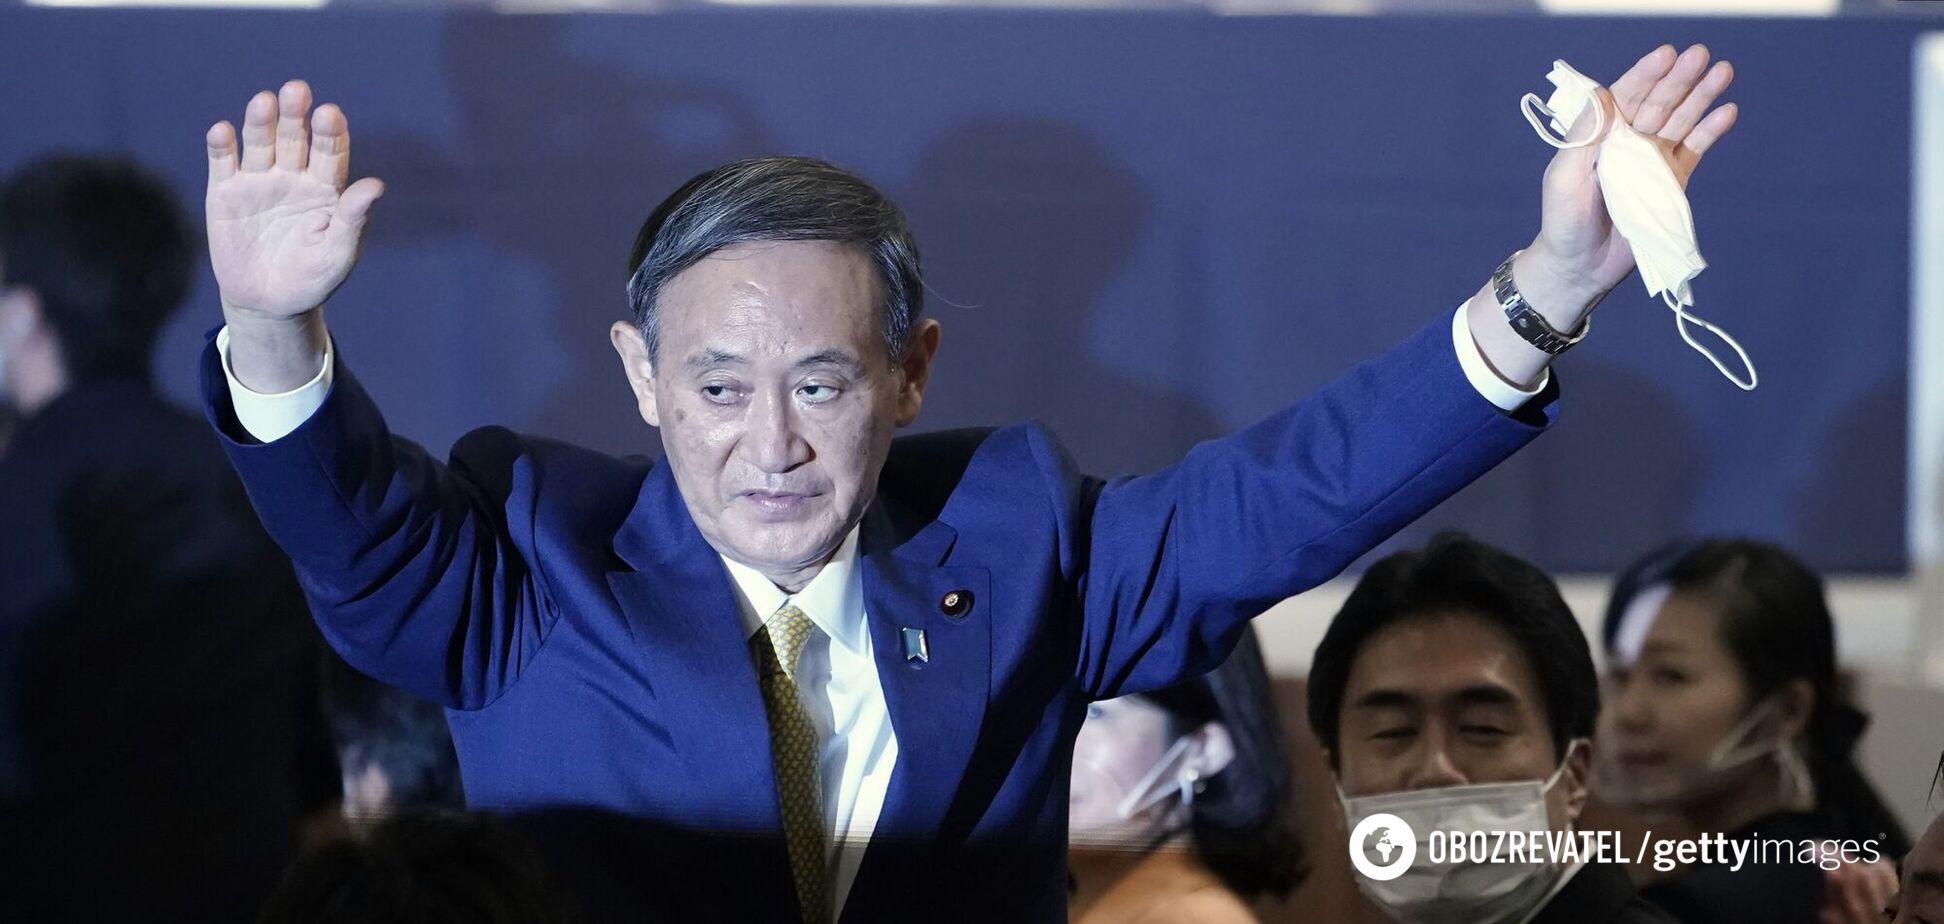 Новим главою керівної партії Японії обрано 71-річного Есіхіде Суга